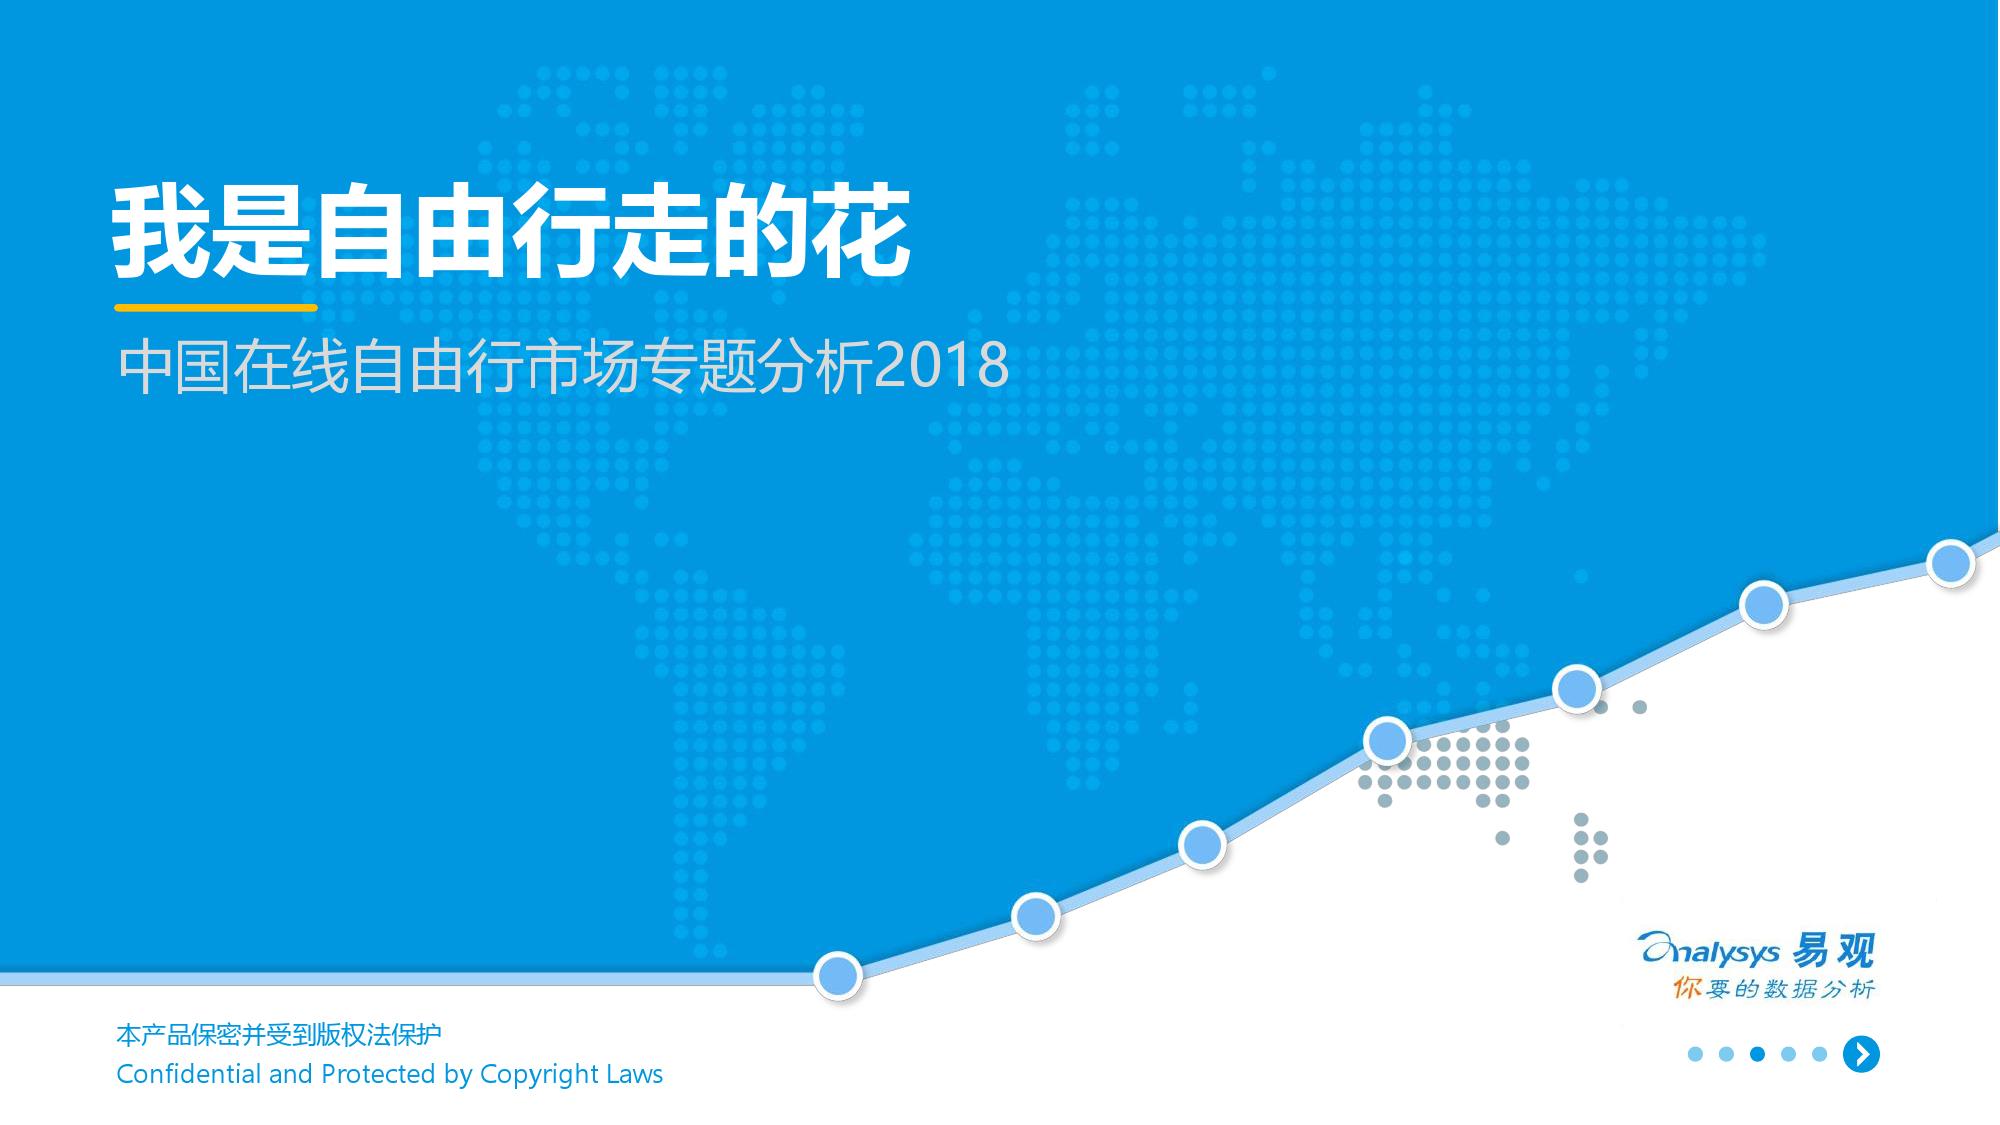 易观:2018中国在线自由行市场专题分析(附下载)